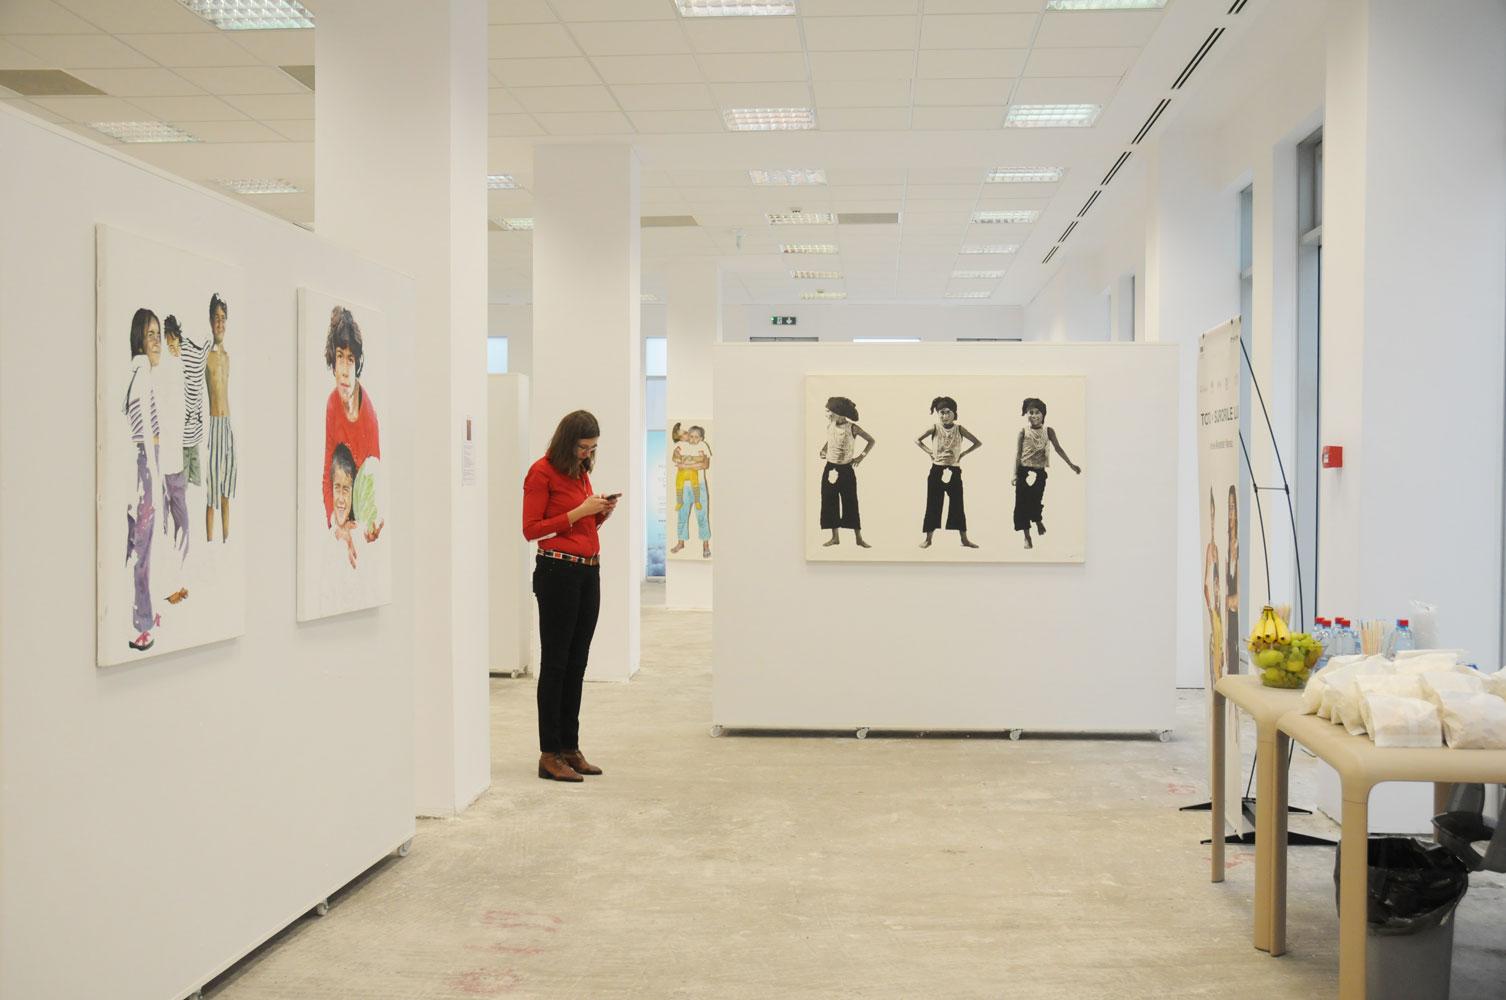 Daniel Brici, solo show Copiii care nu se vad @ Nasui collection & gallery Bucuresti (2)